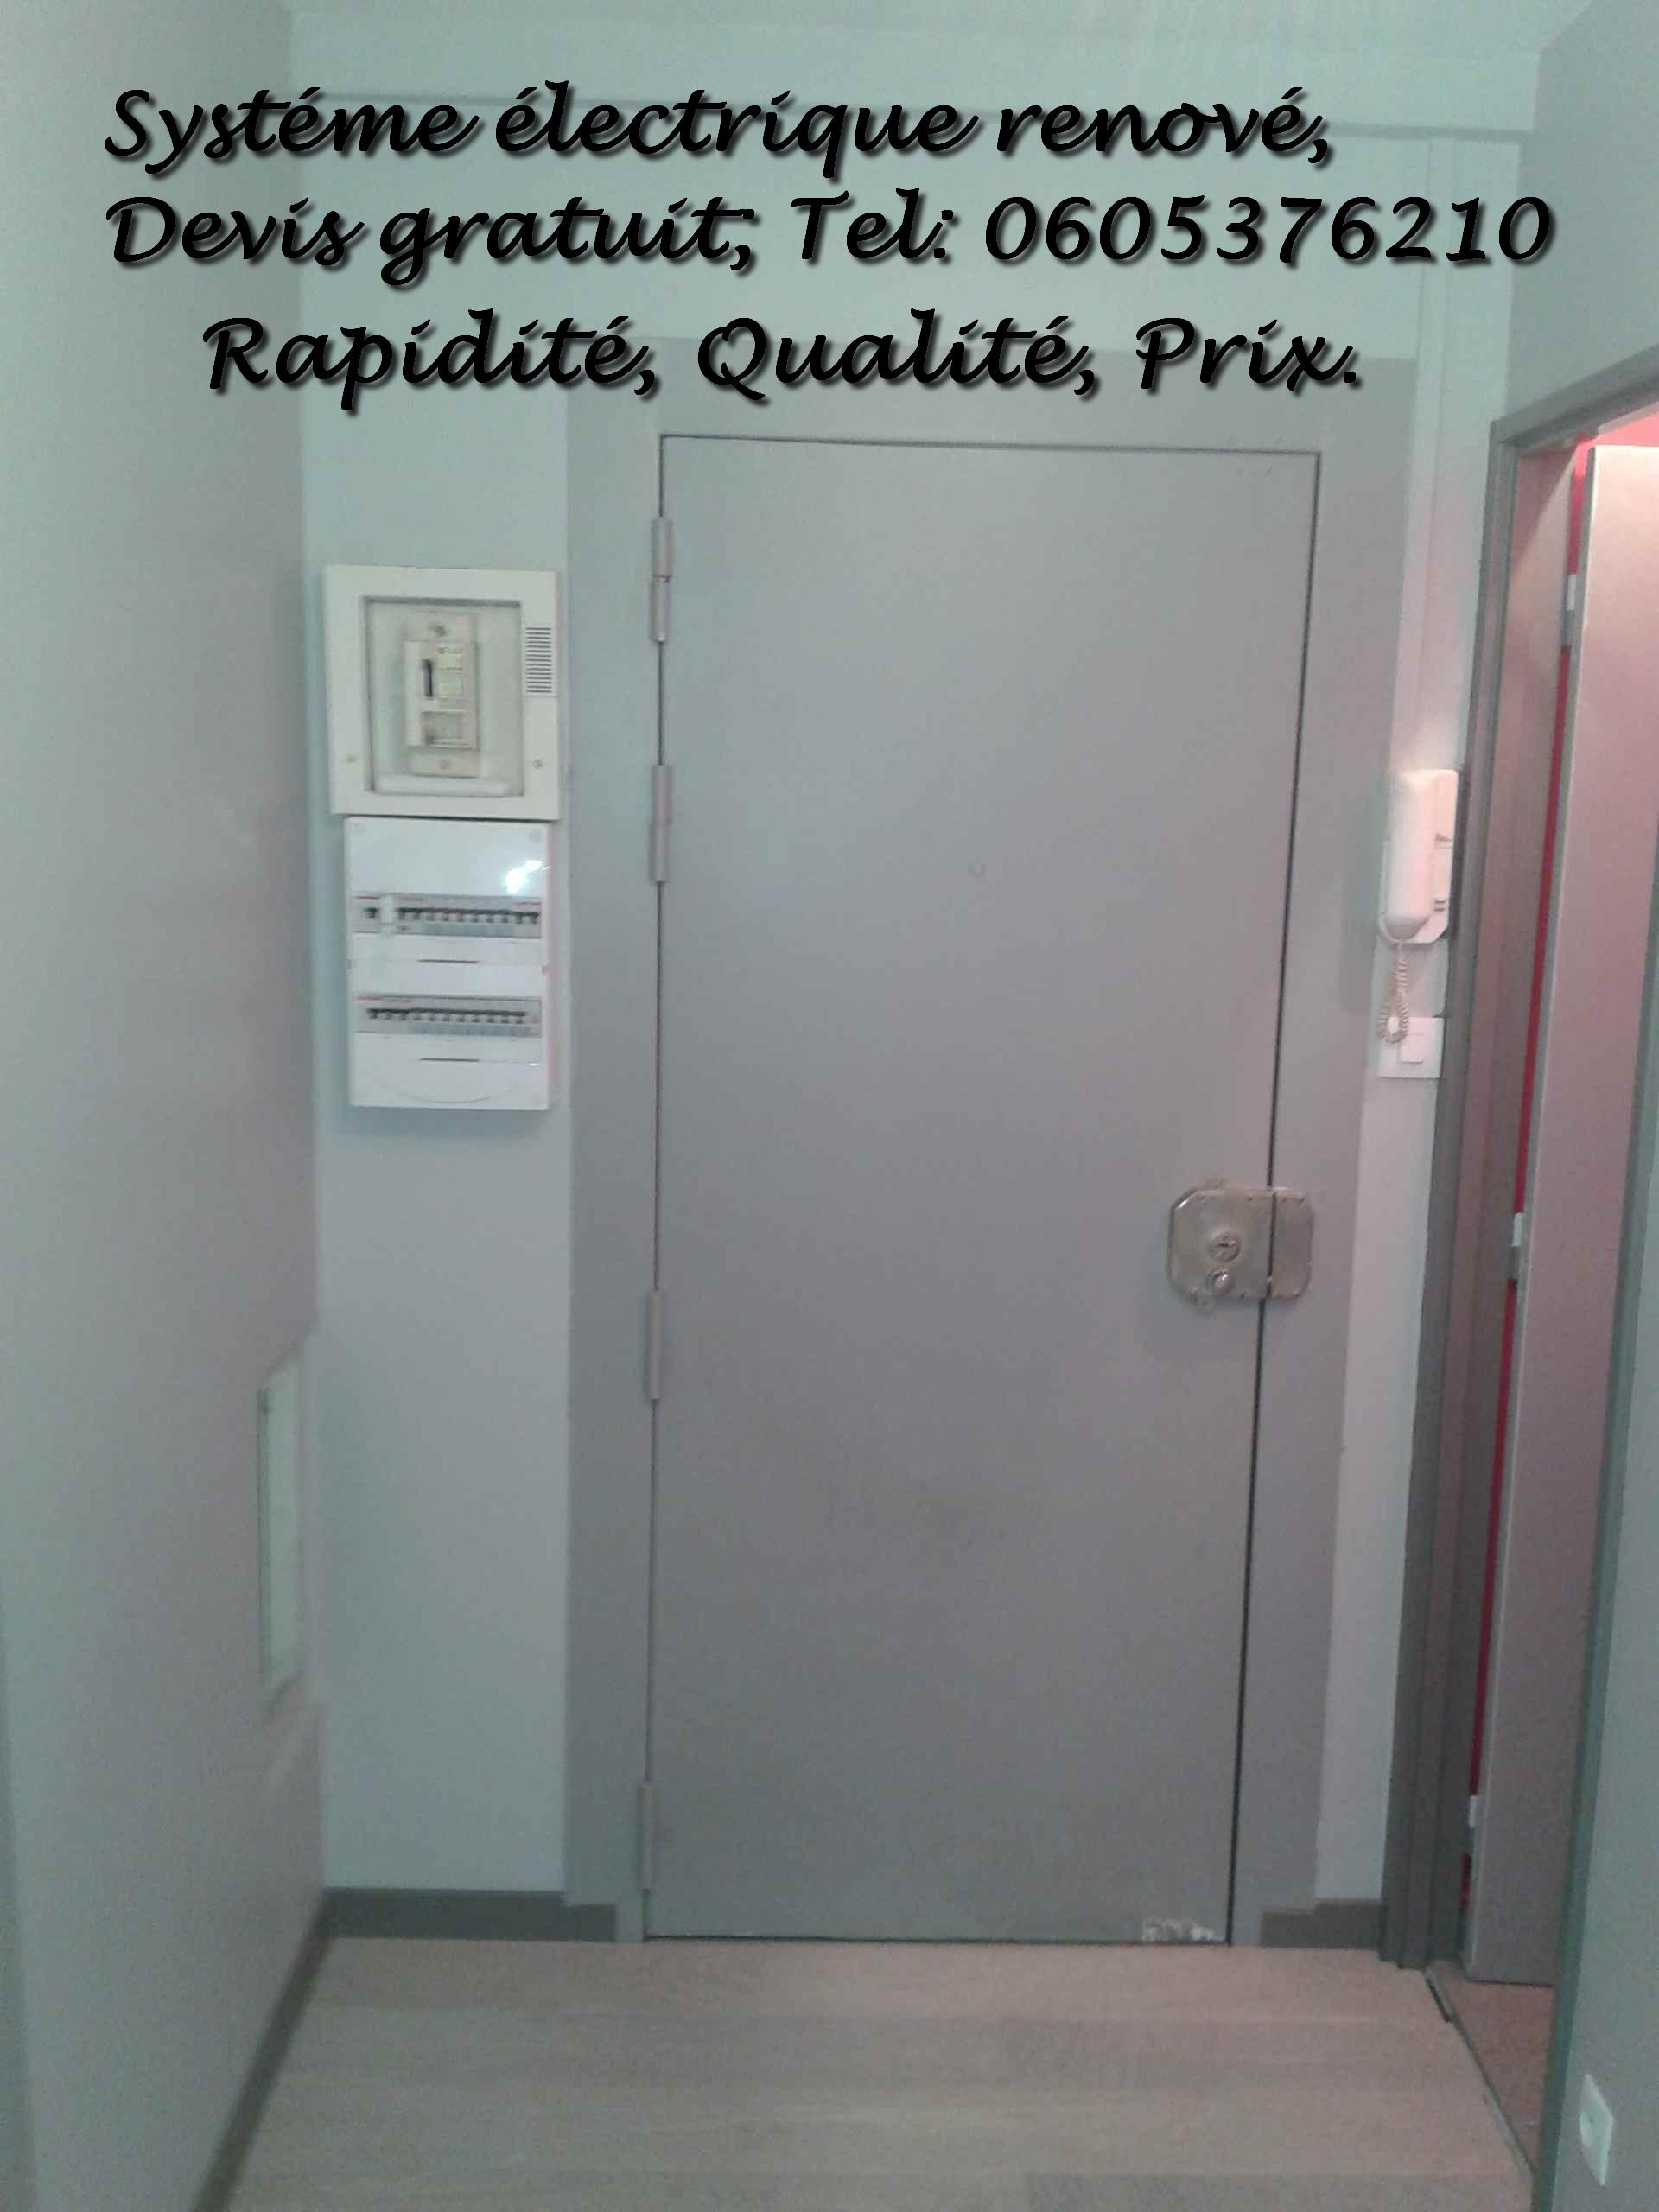 batipeintre.com/wp-content/uploads/2014/07/Rénovation-systeme-electrique-devis-gratuit-assurance-décenale.jpg